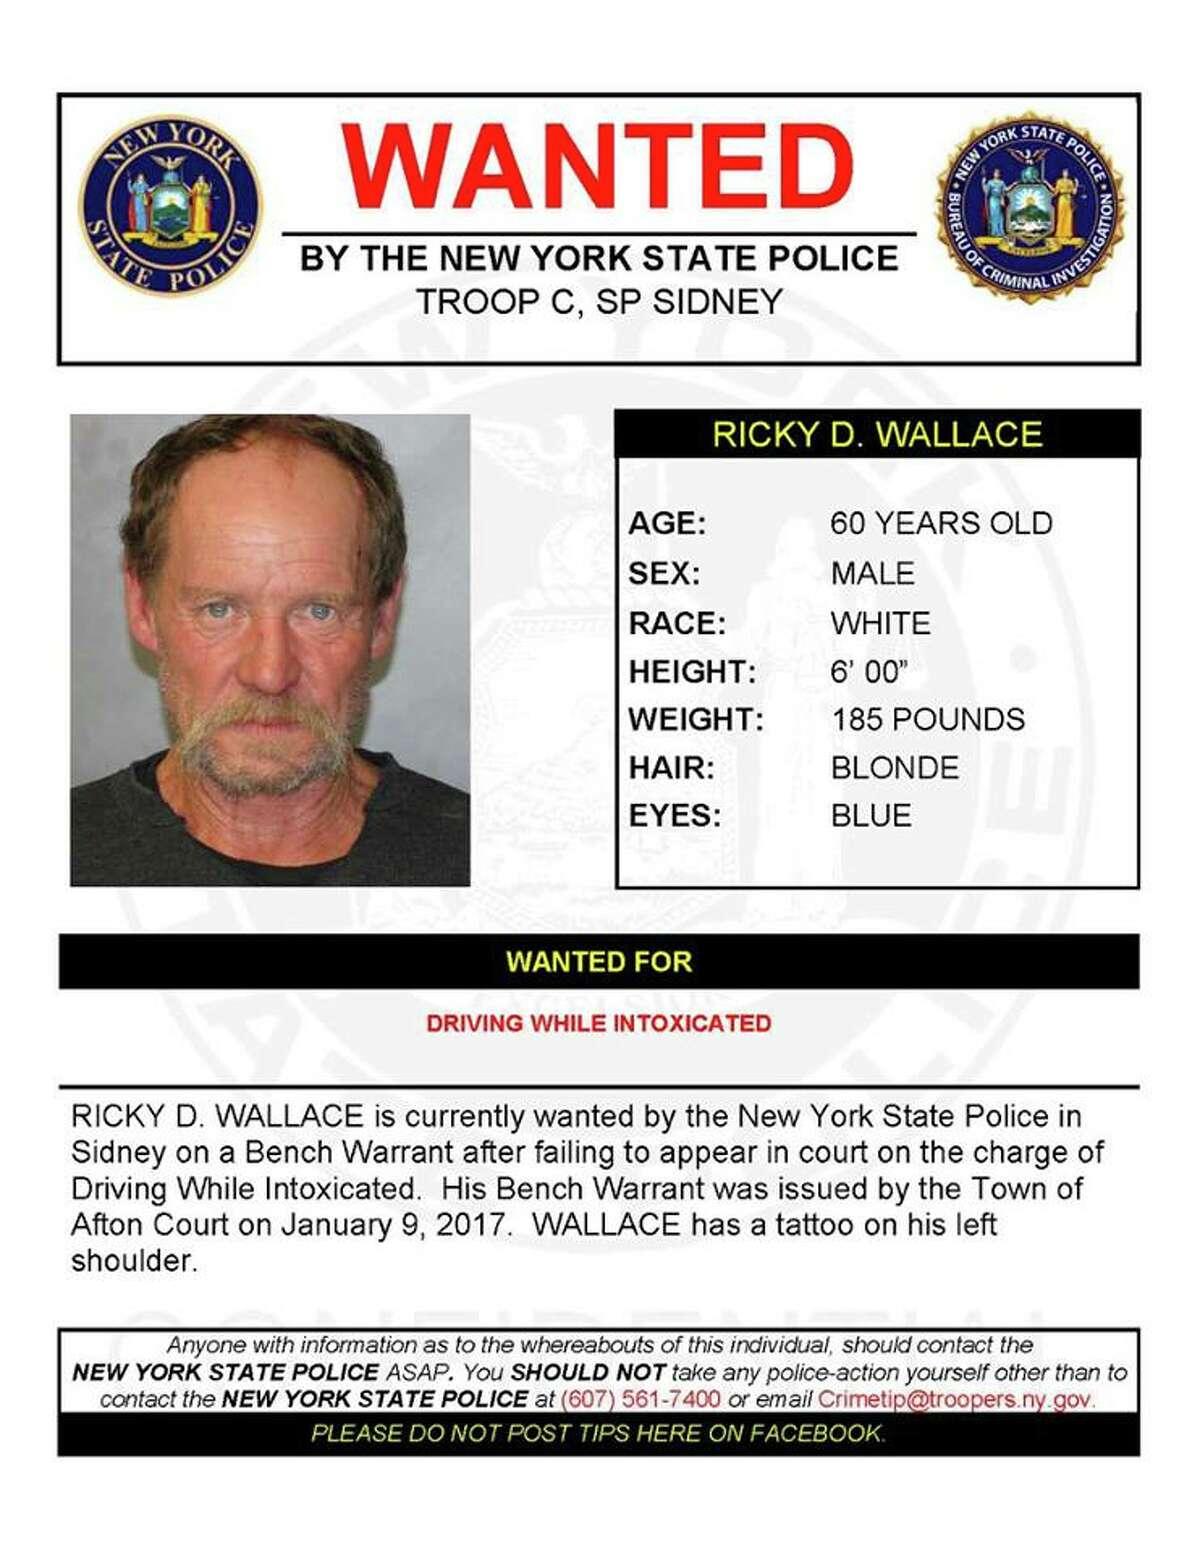 Rickey D. Wallace